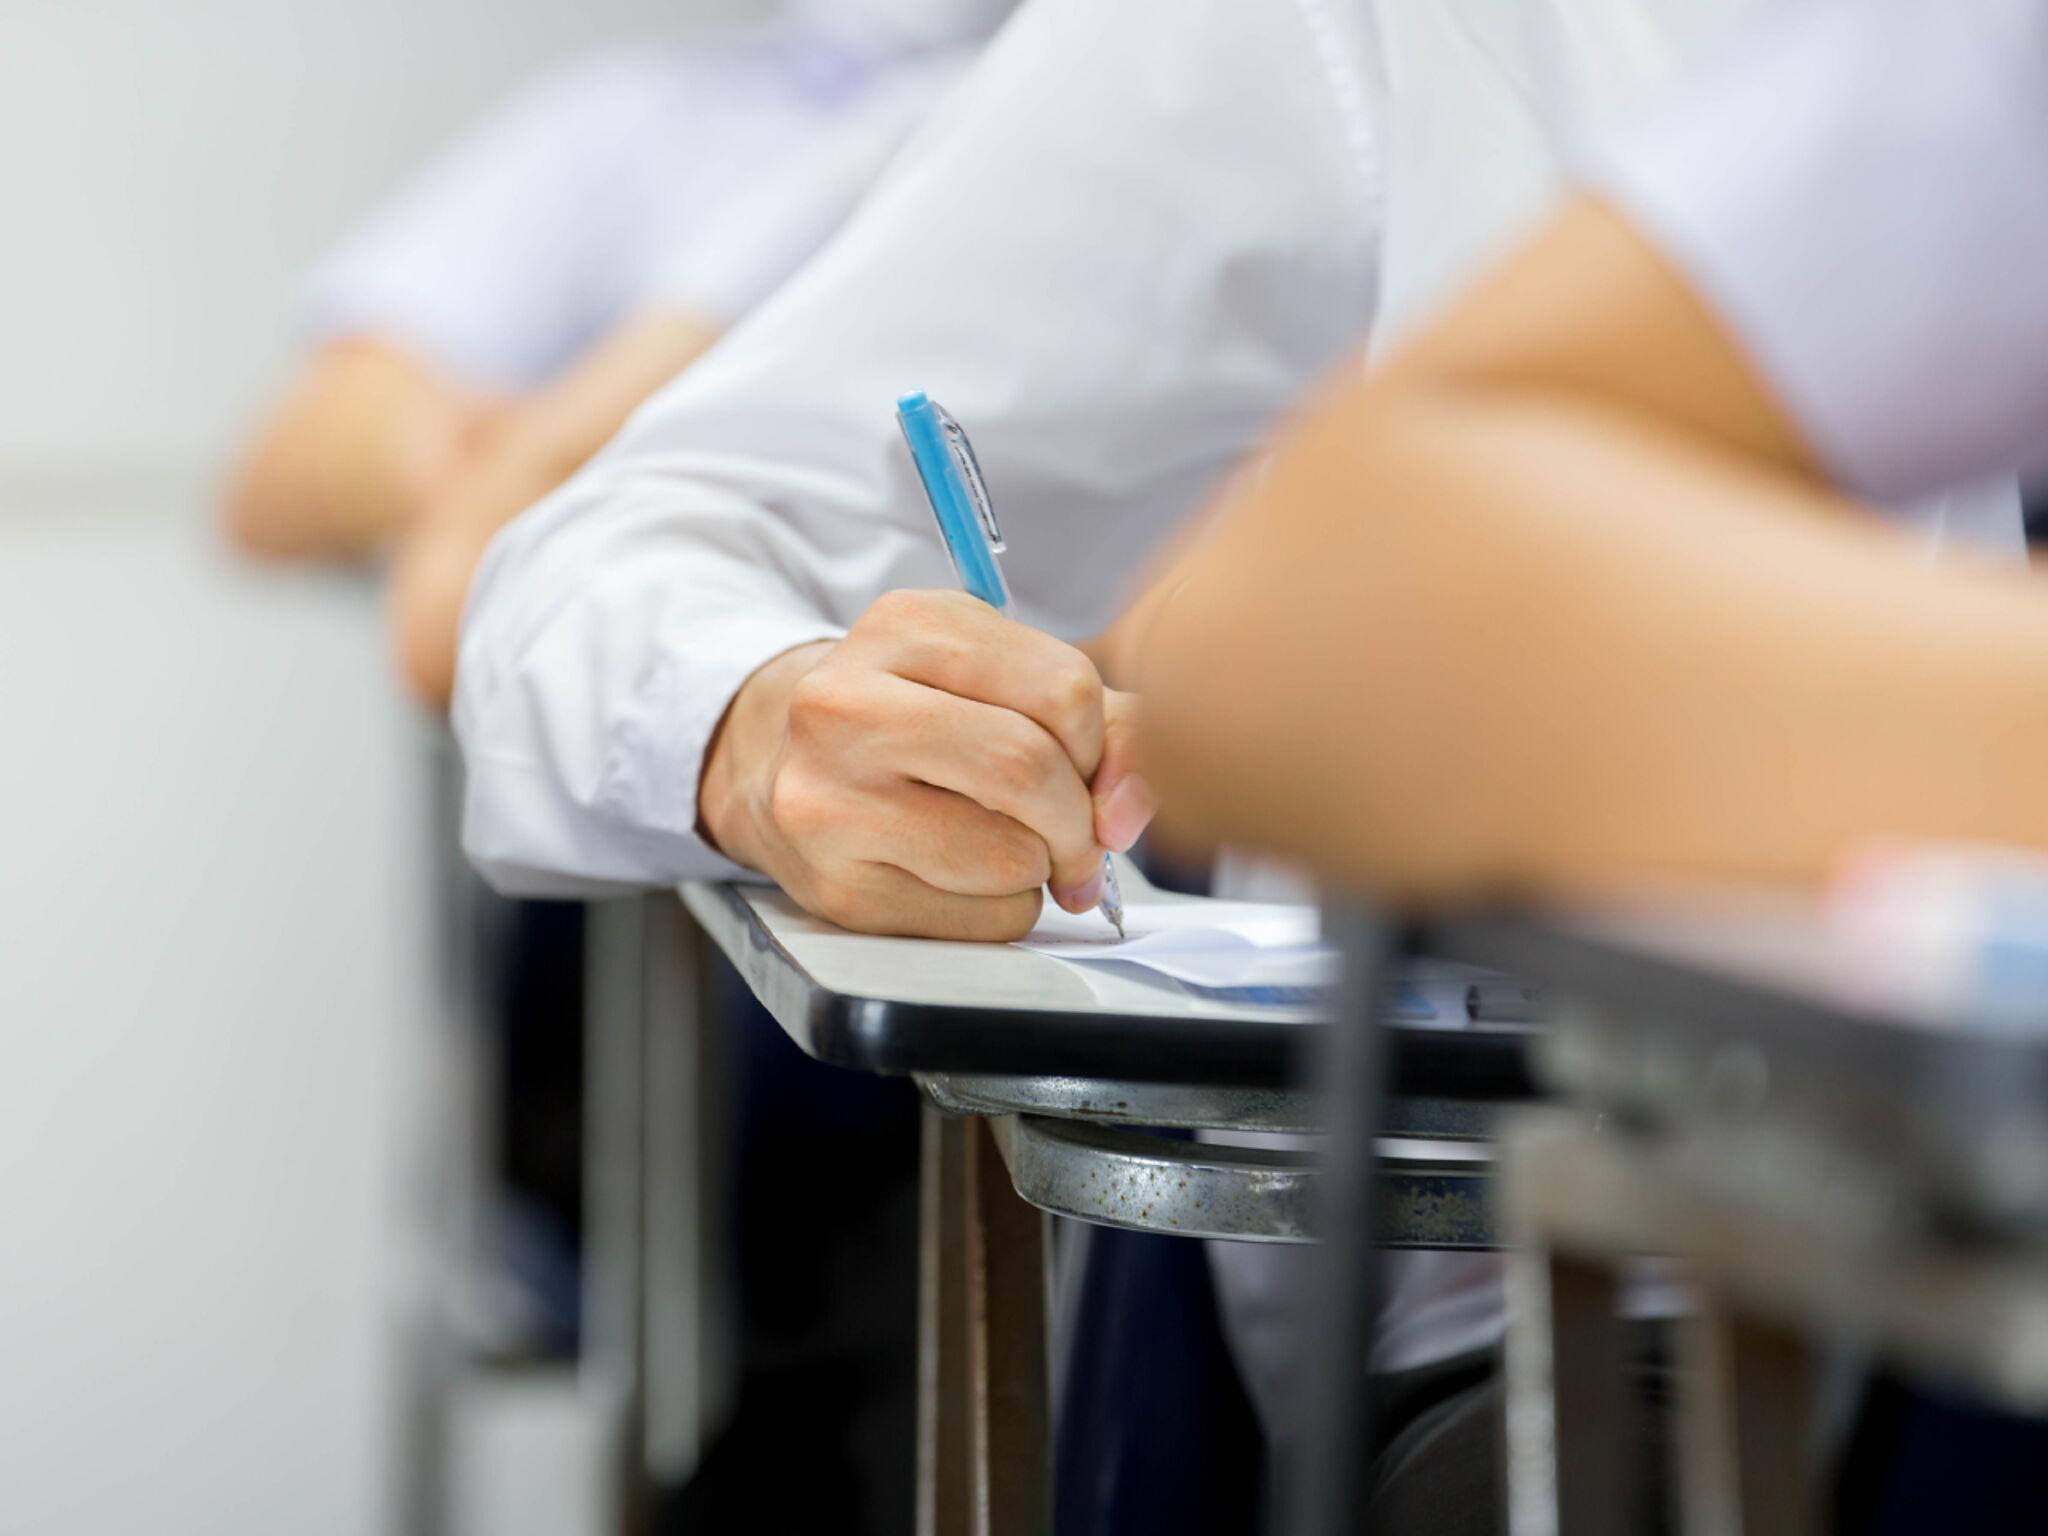 集団授業を受けている学生の画像